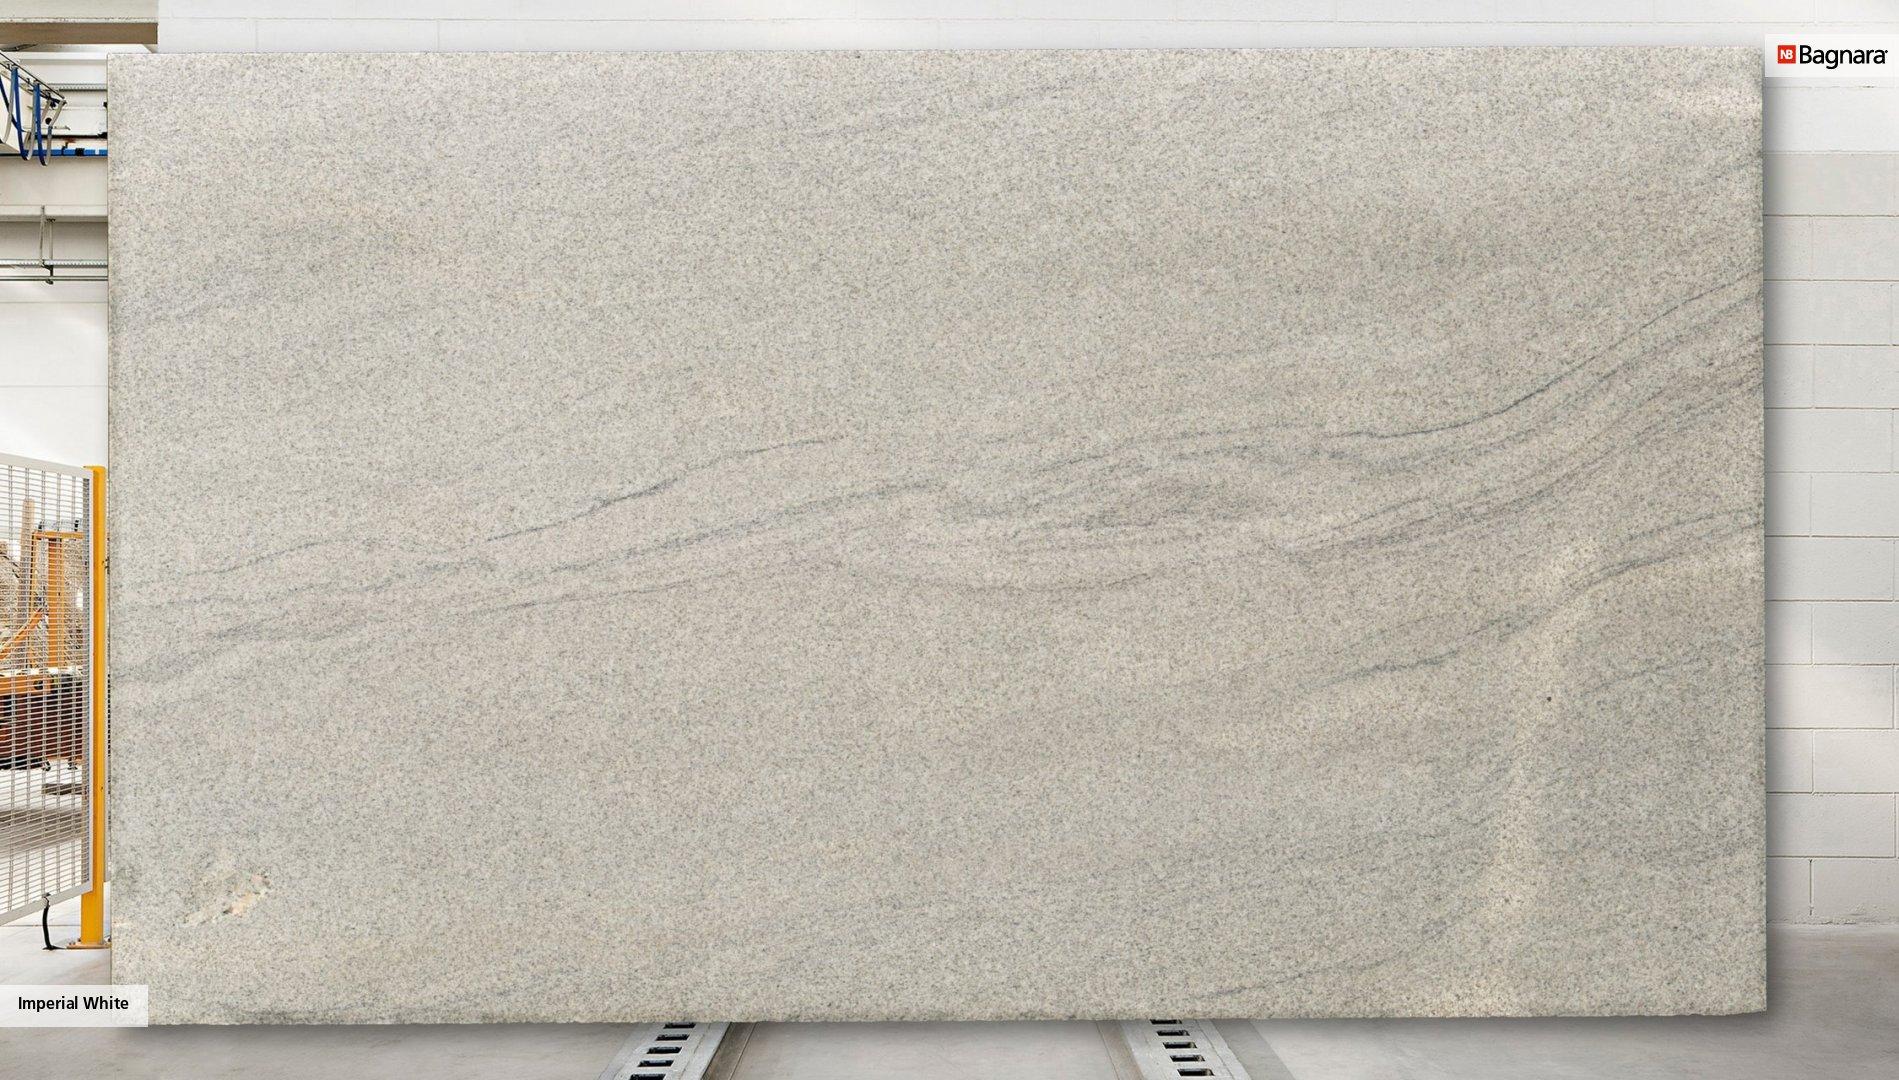 imperial white bagnara. Black Bedroom Furniture Sets. Home Design Ideas